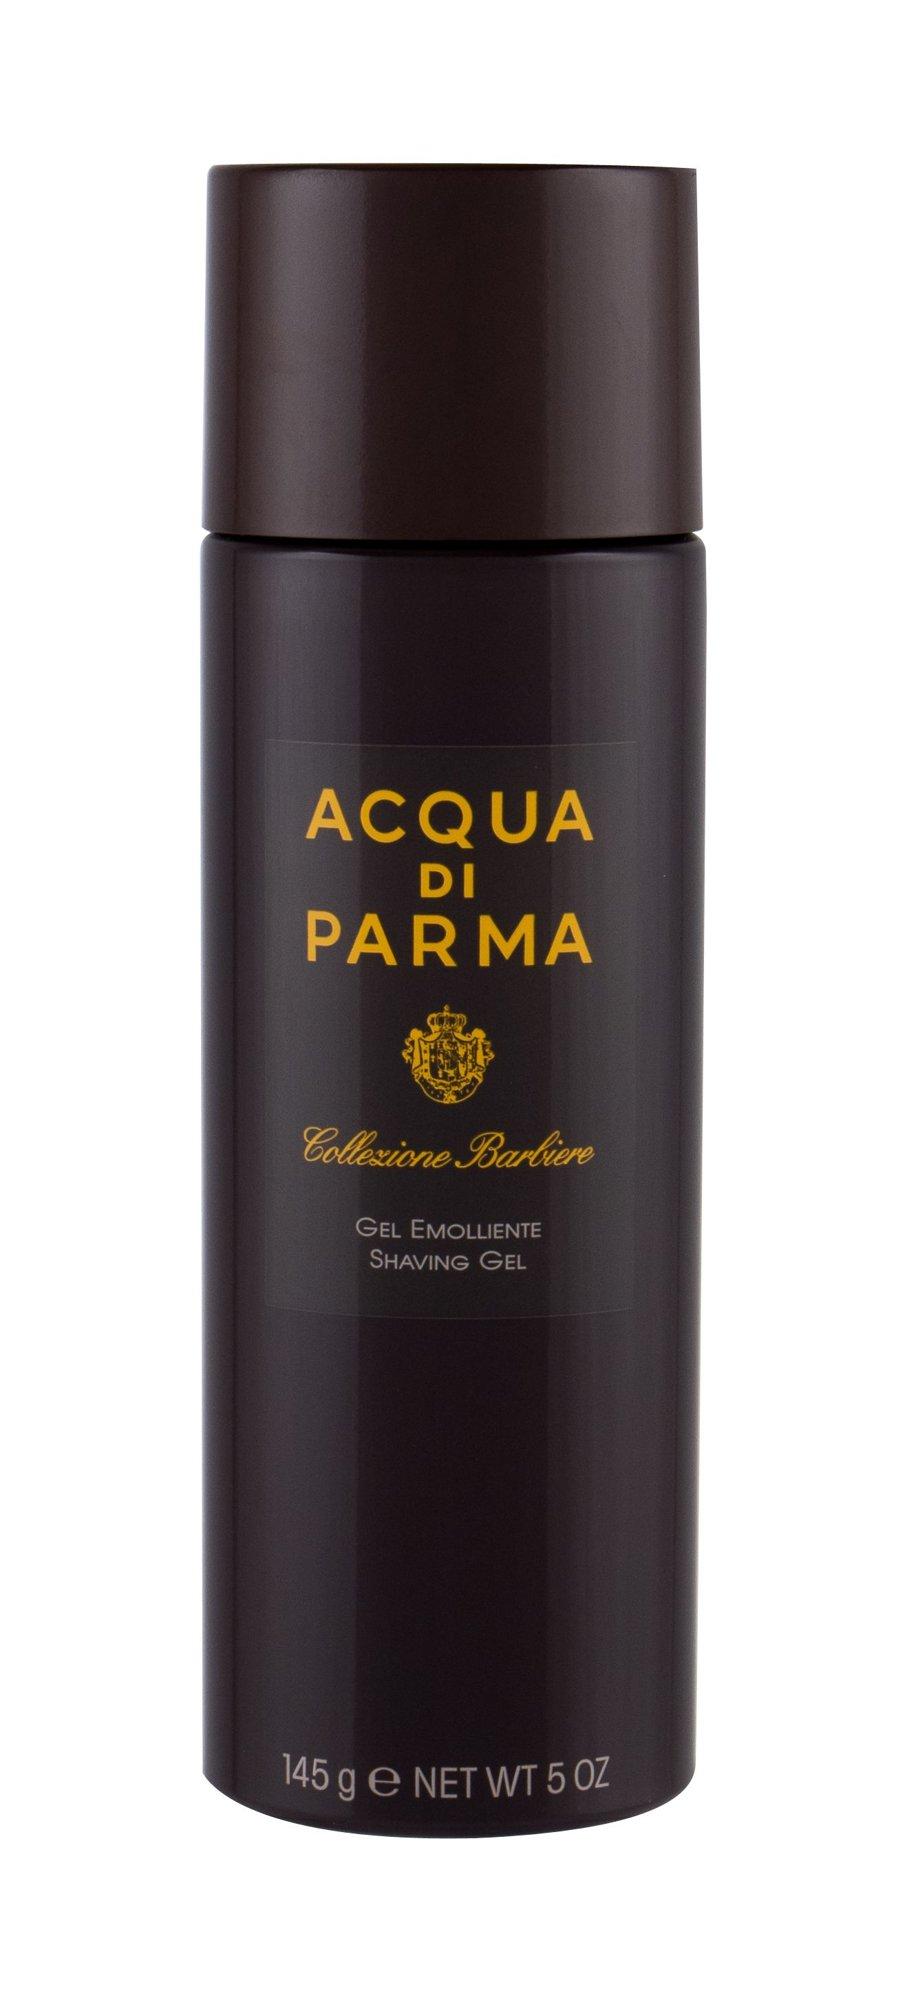 Skutimosi gelis Acqua di Parma Collezione Barbiere